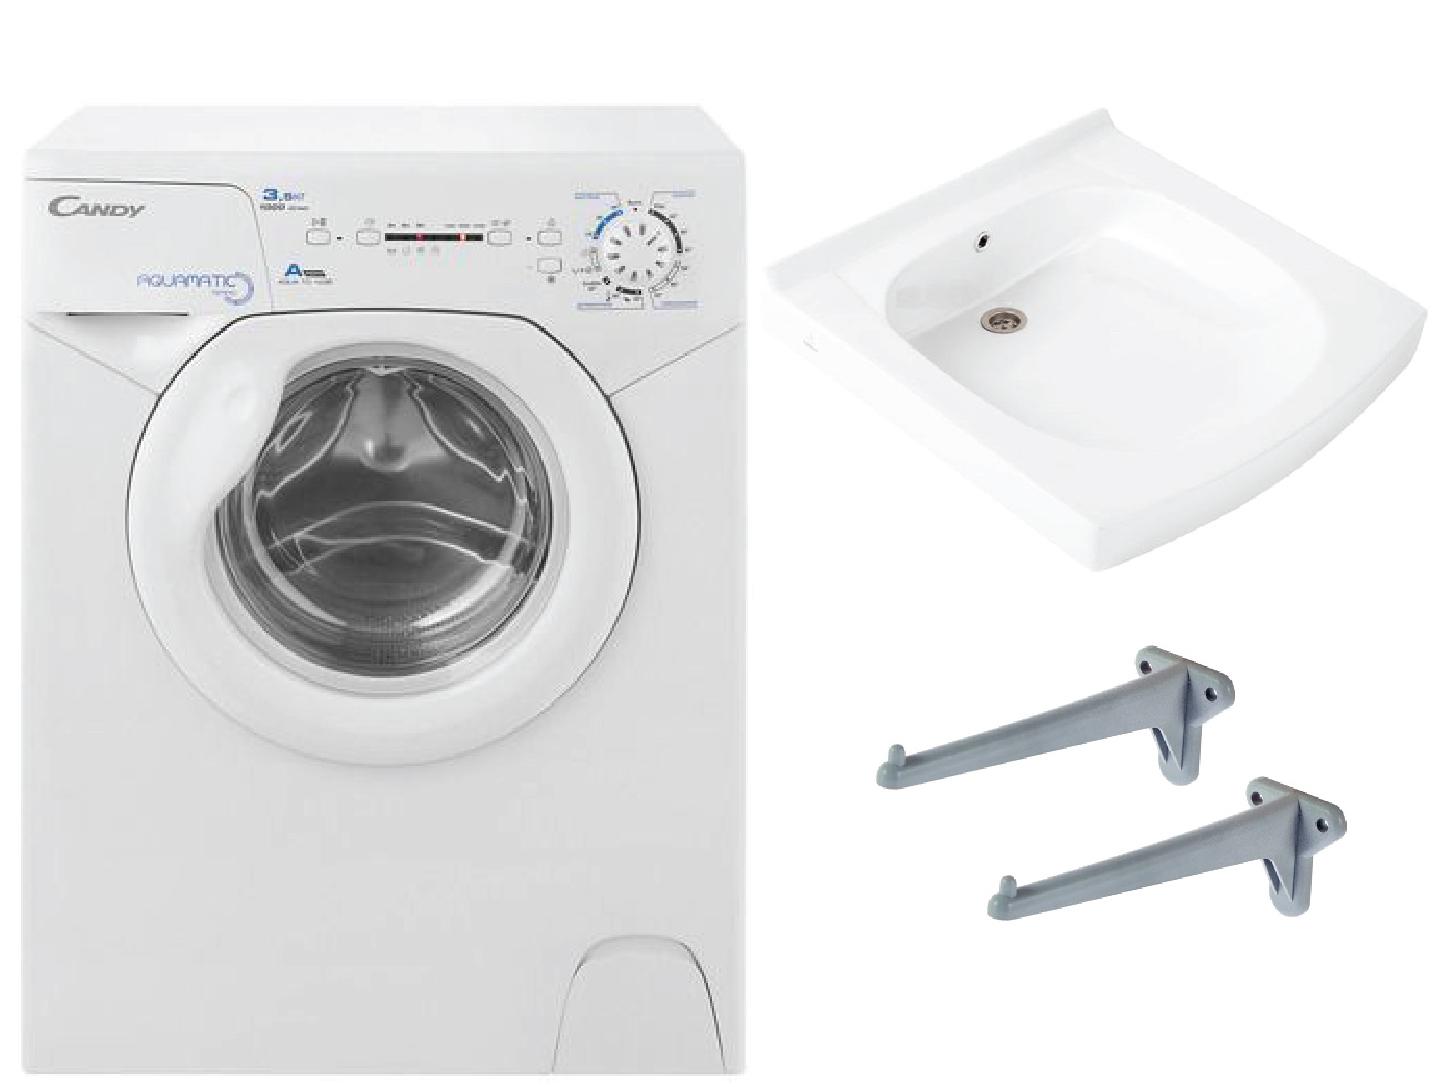 Фото 6967: Комплект: мини стиральная машина под раковину Candy 1d1035 с раковиной Элегантс (Кувшинка)